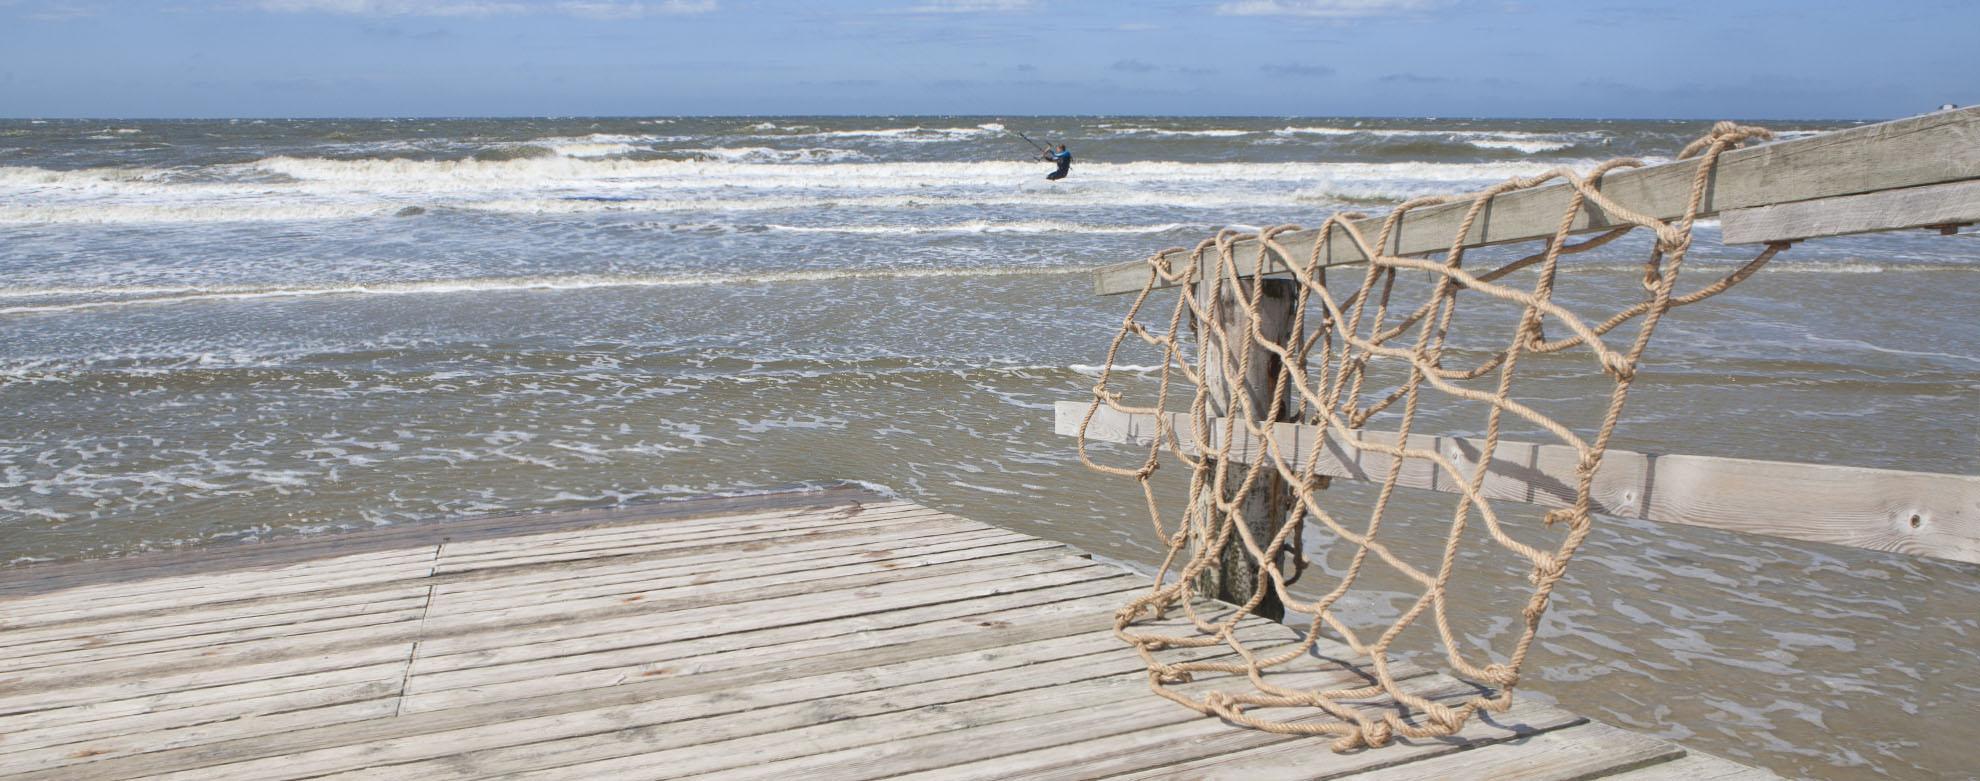 Fischernetze, Reusen